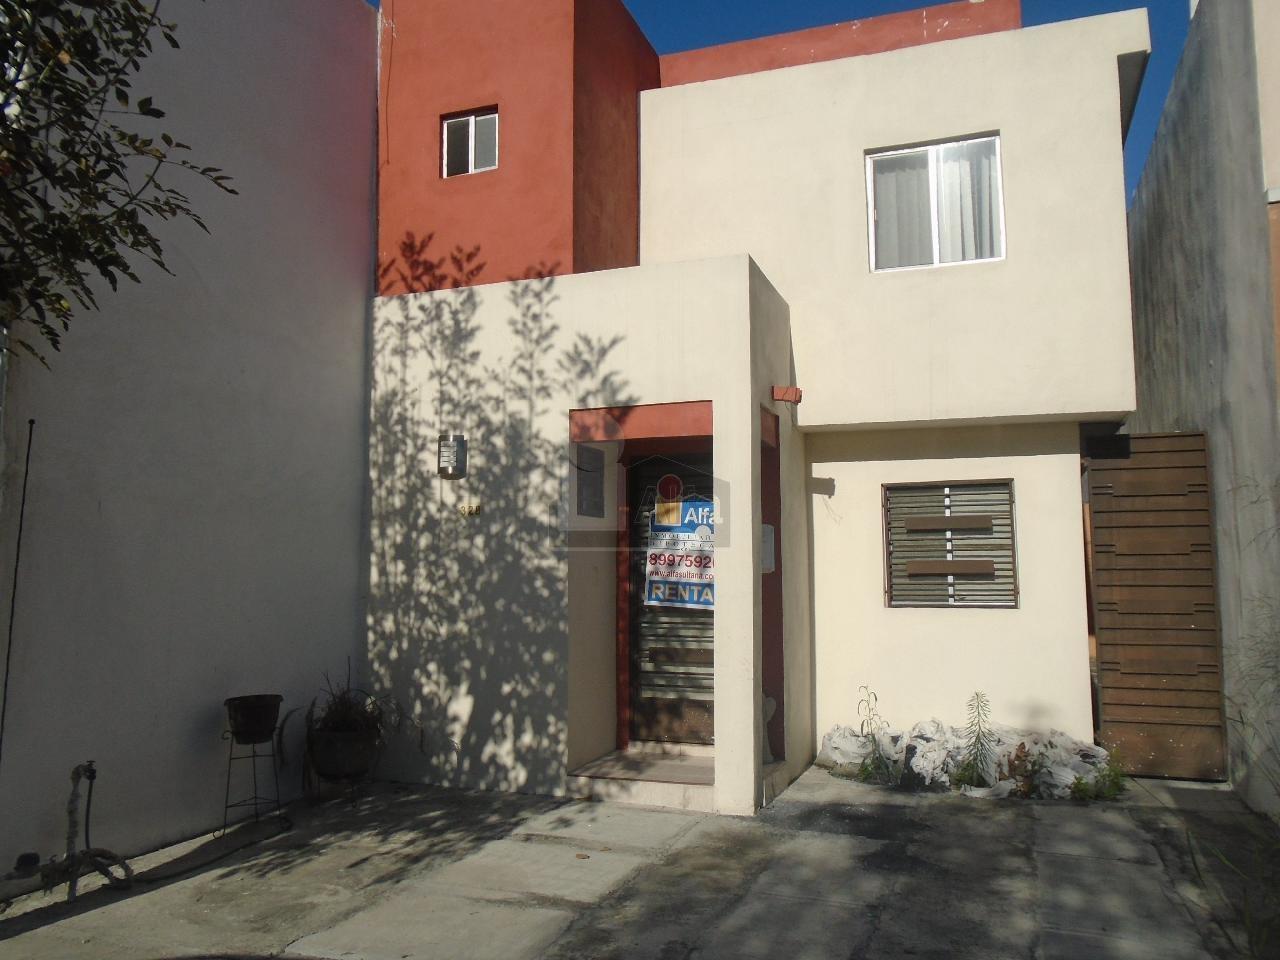 Foto Casa en Renta en Hacienda Del Moro, Apodaca, Nuevo Leon - $ 6.500 - 1320-213R - BienesOnLine